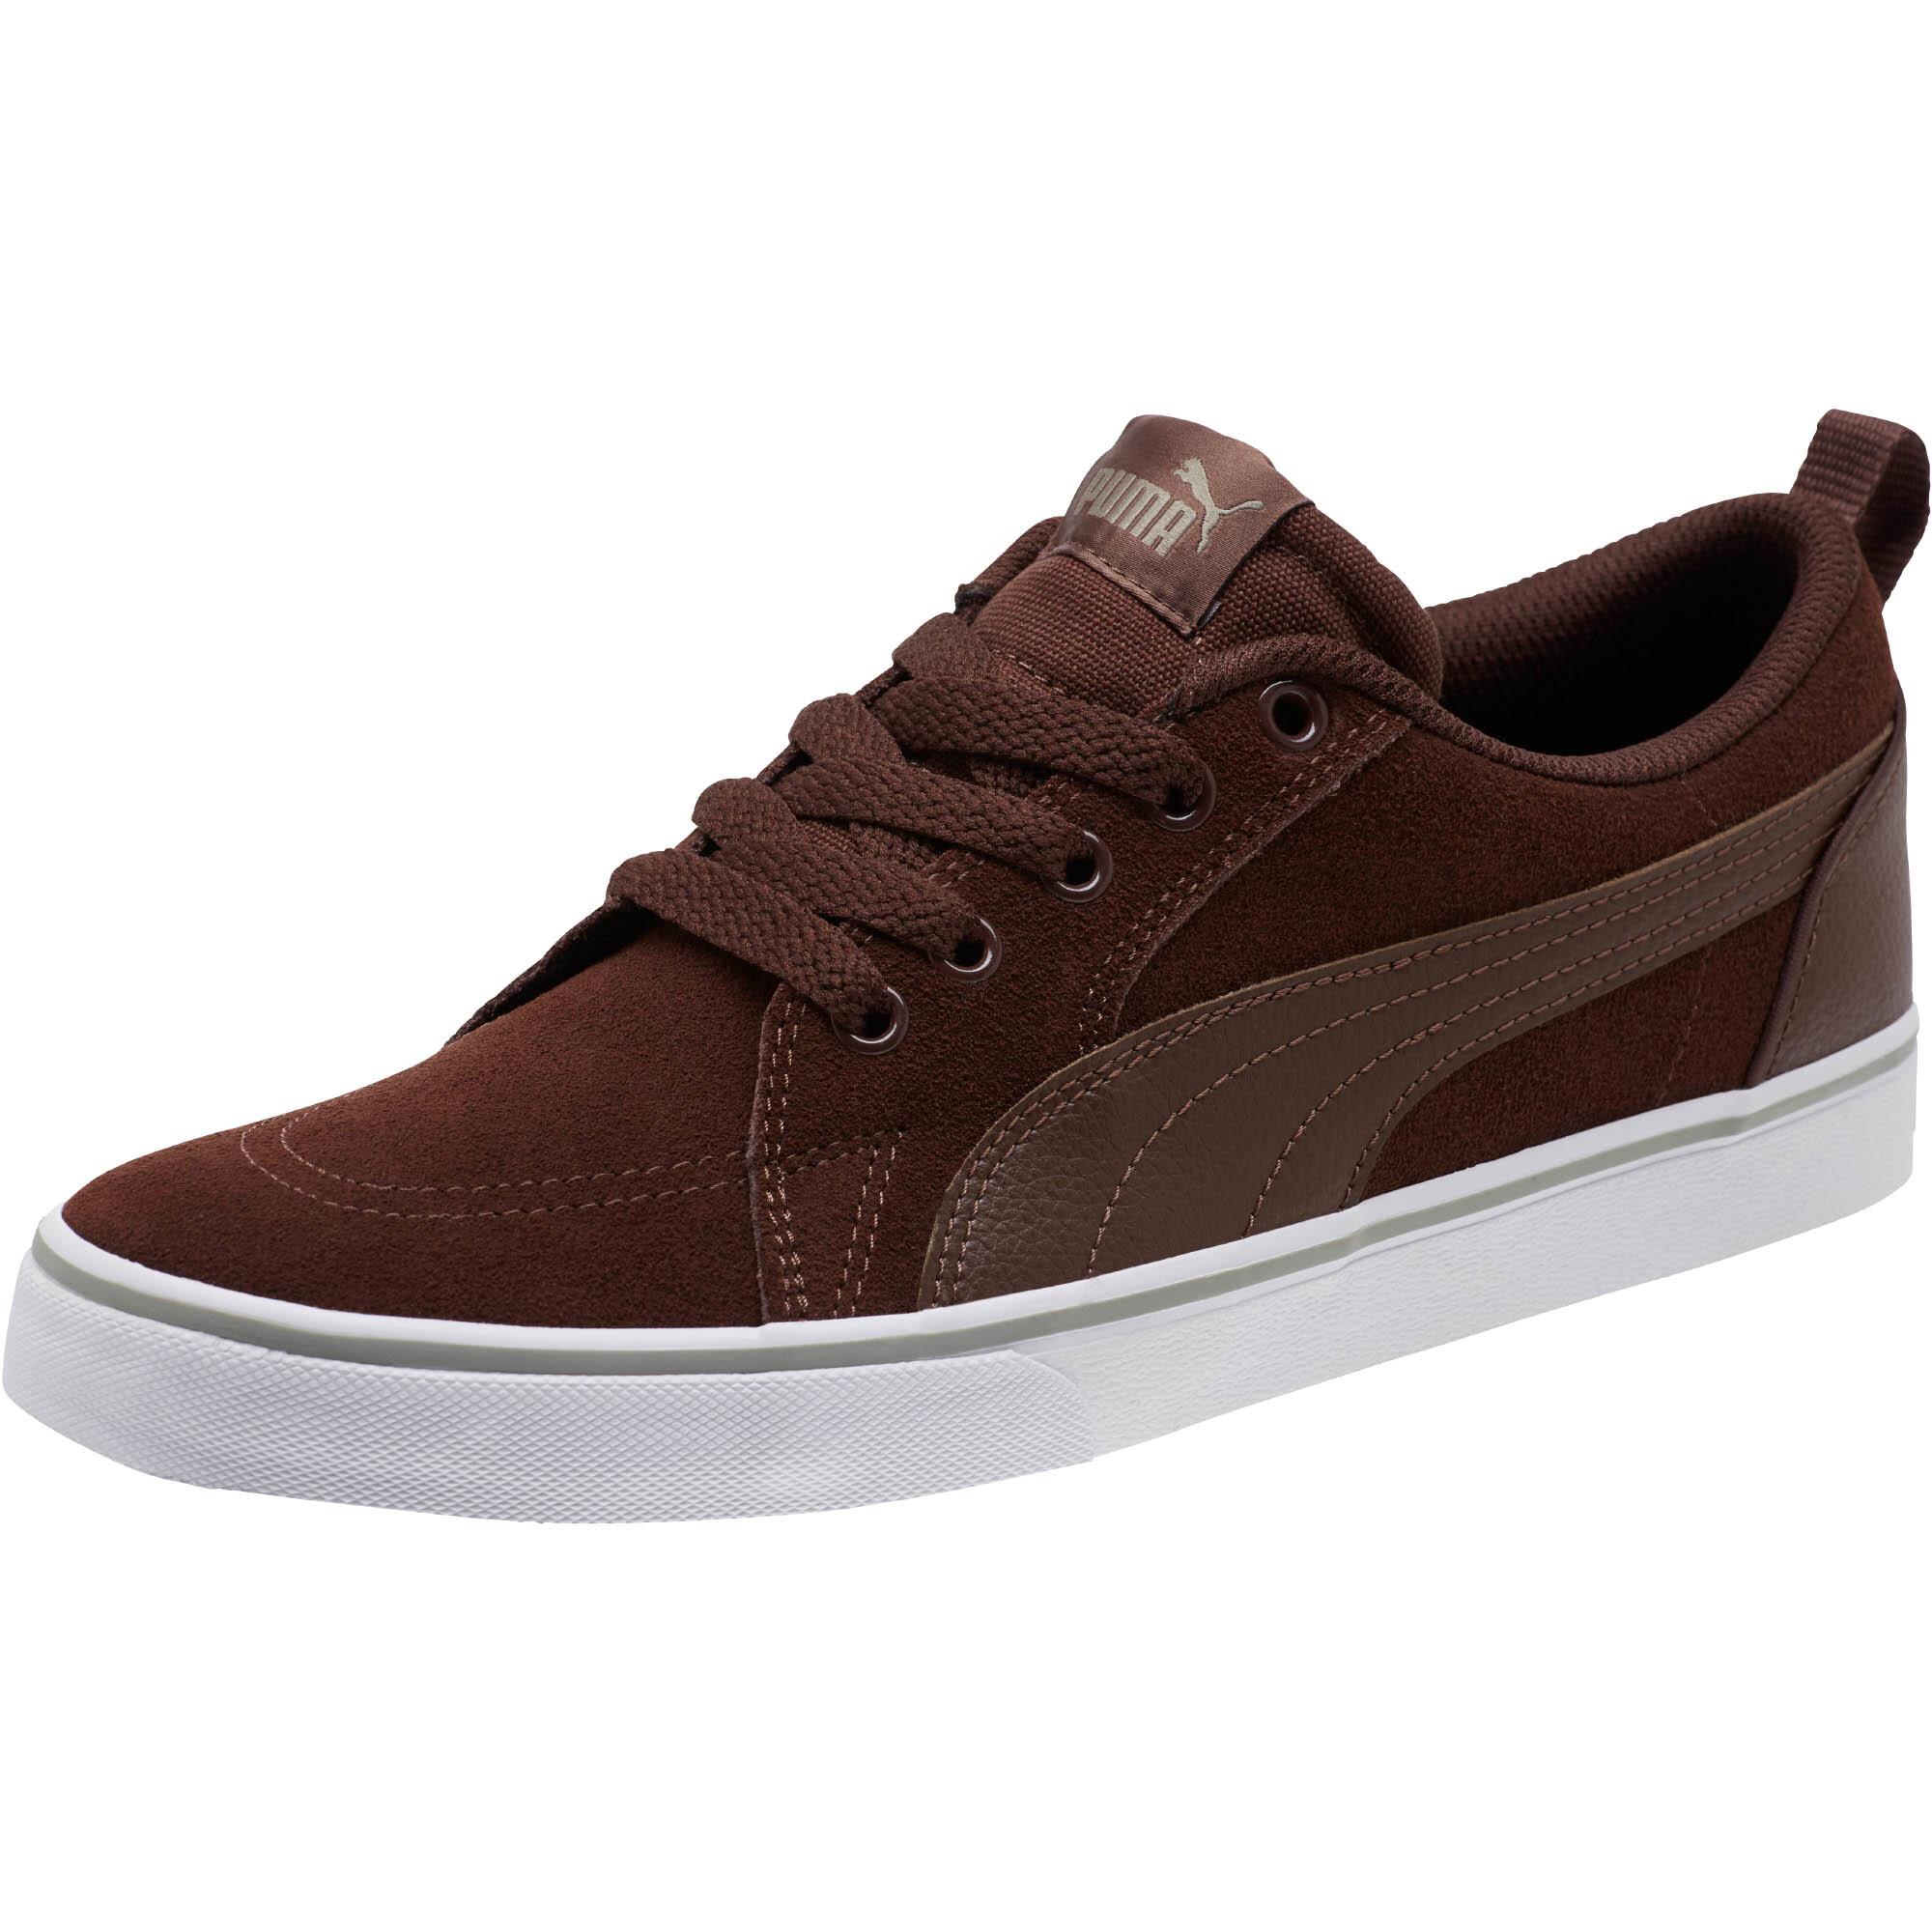 PUMA-Puma-Bridger-SD-Men-039-s-Sneakers-Men-Shoe-Basics thumbnail 3